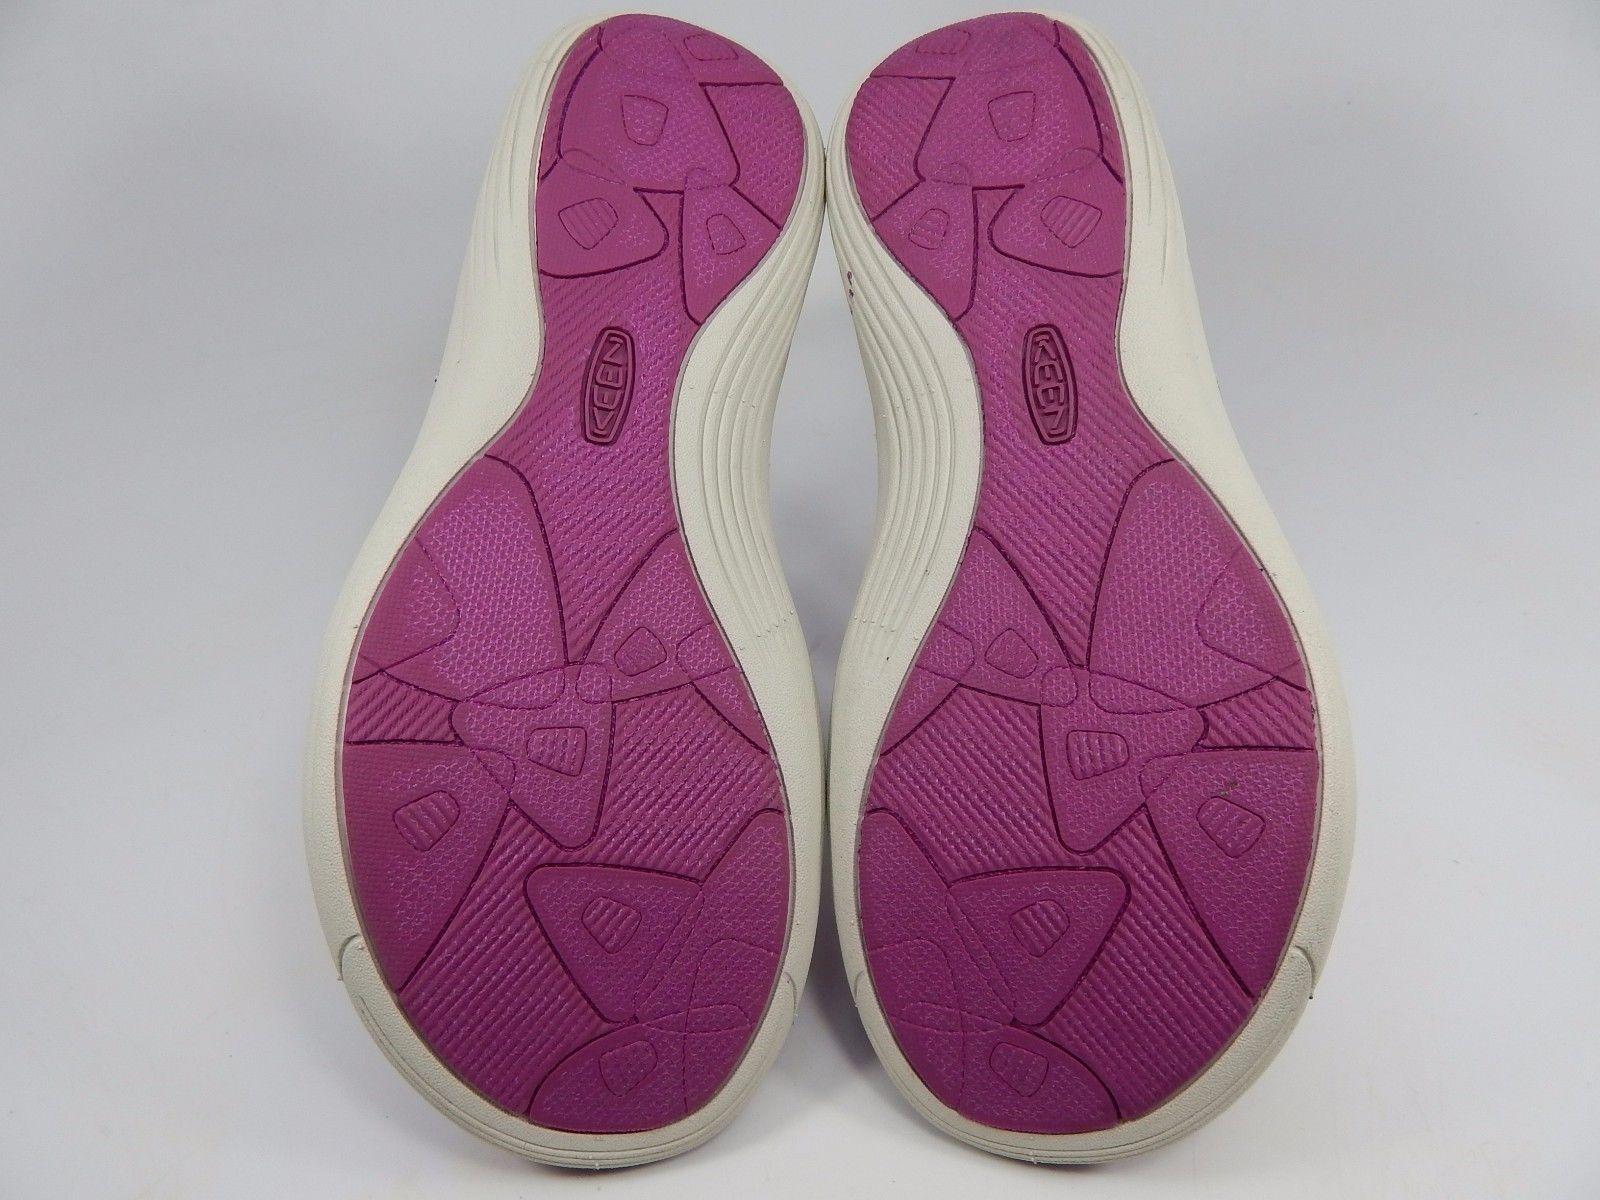 Keen Maya Strap Women's Sports Sandals Size US 7 M (B) EU 37.5 Dark Purple Wine